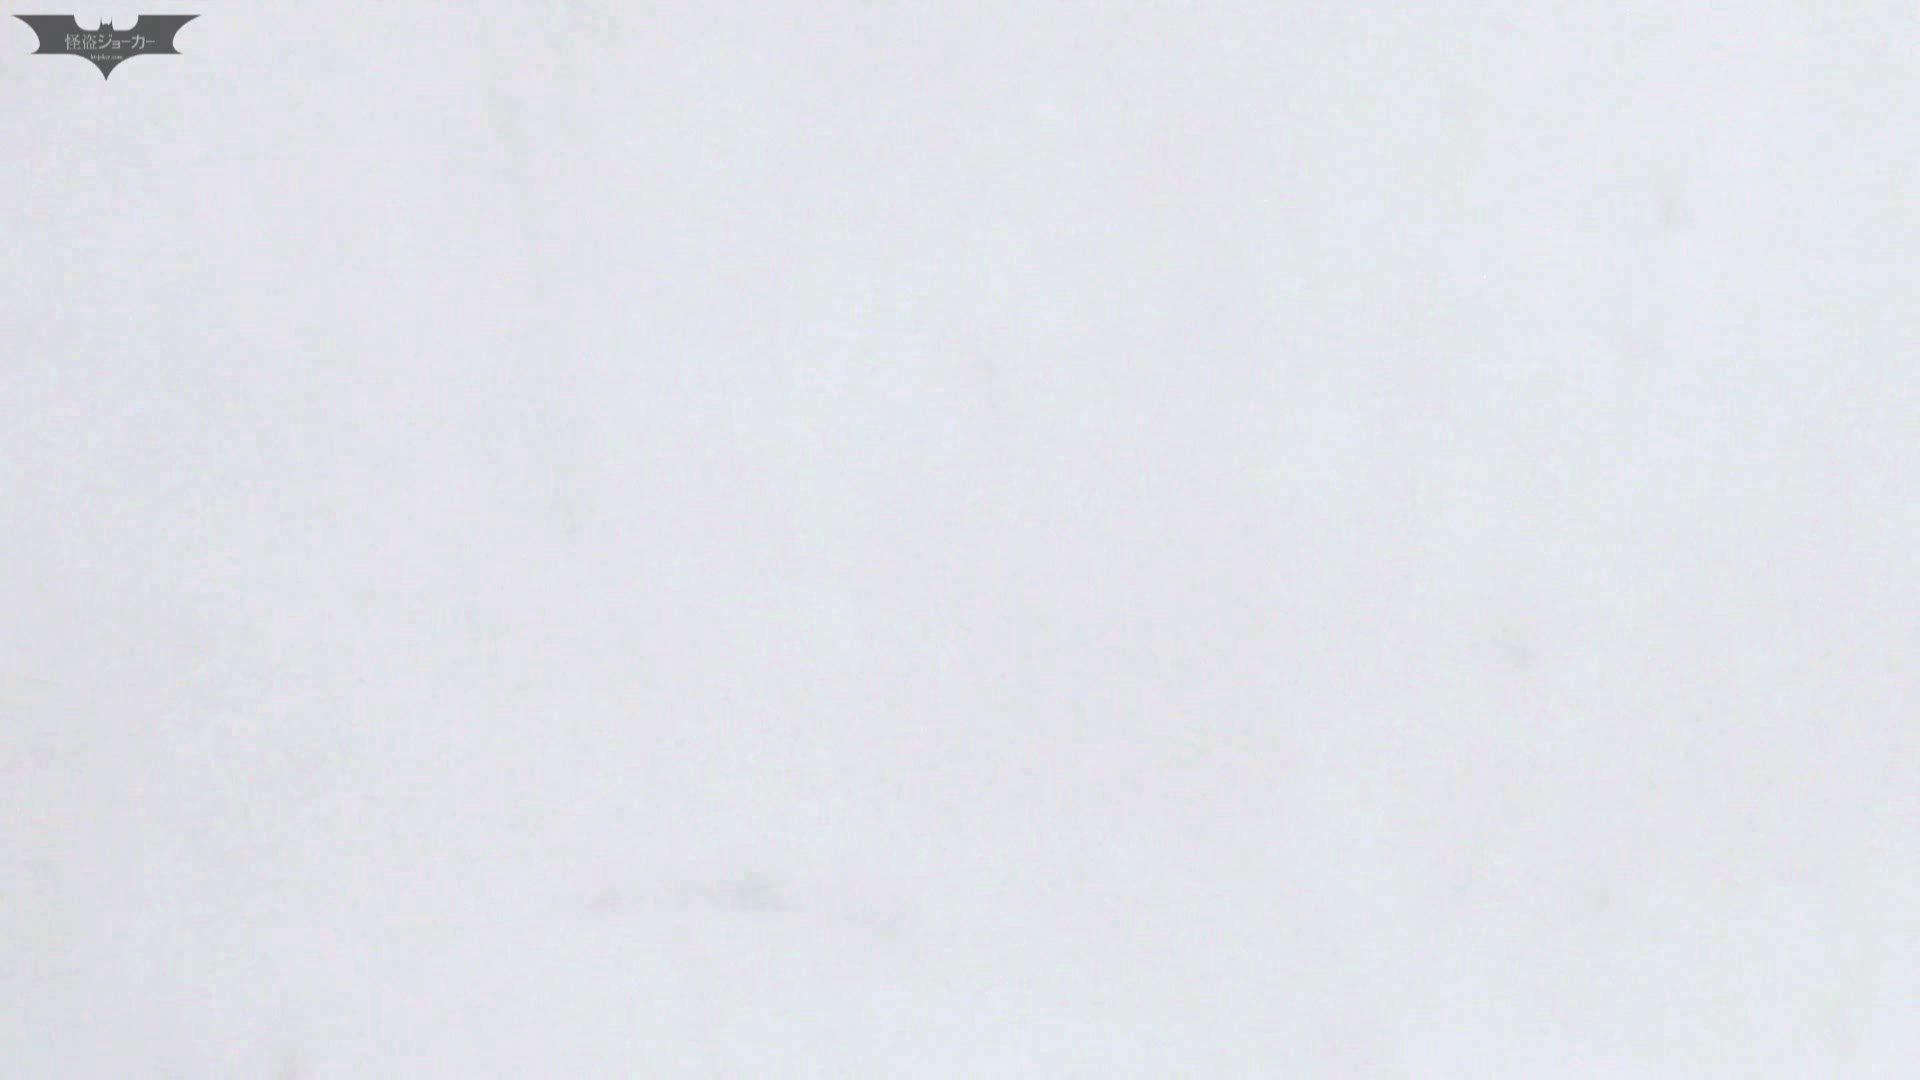 【潜入トイレ盗撮】洗面所特攻隊 vol.70 極上品の連続、歌いながら美女入室 高画質 濡れ場動画紹介 97画像 46